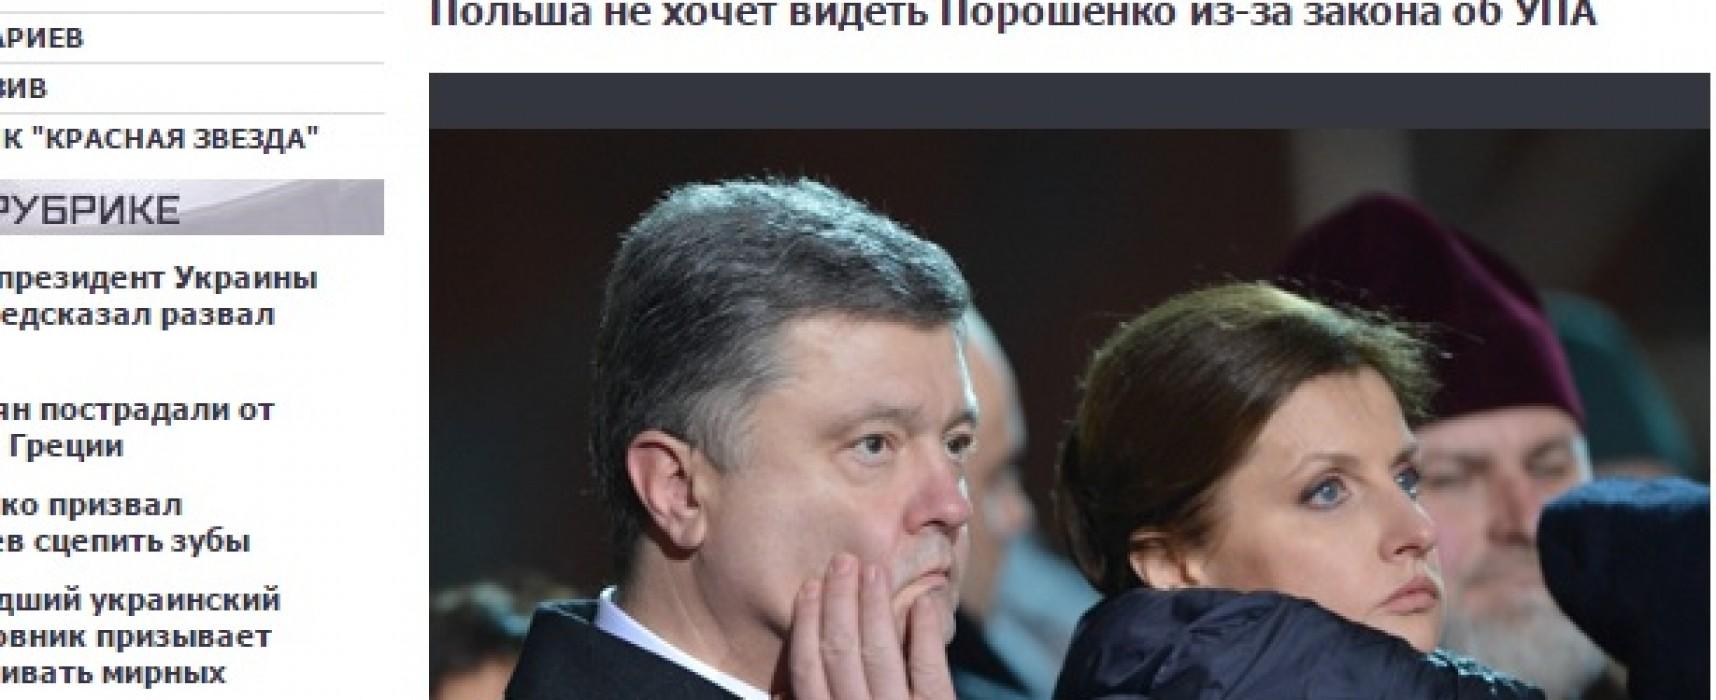 Российские СМИ назвали фейковую причину несостоявшейся встречи президентов Украины и Польши